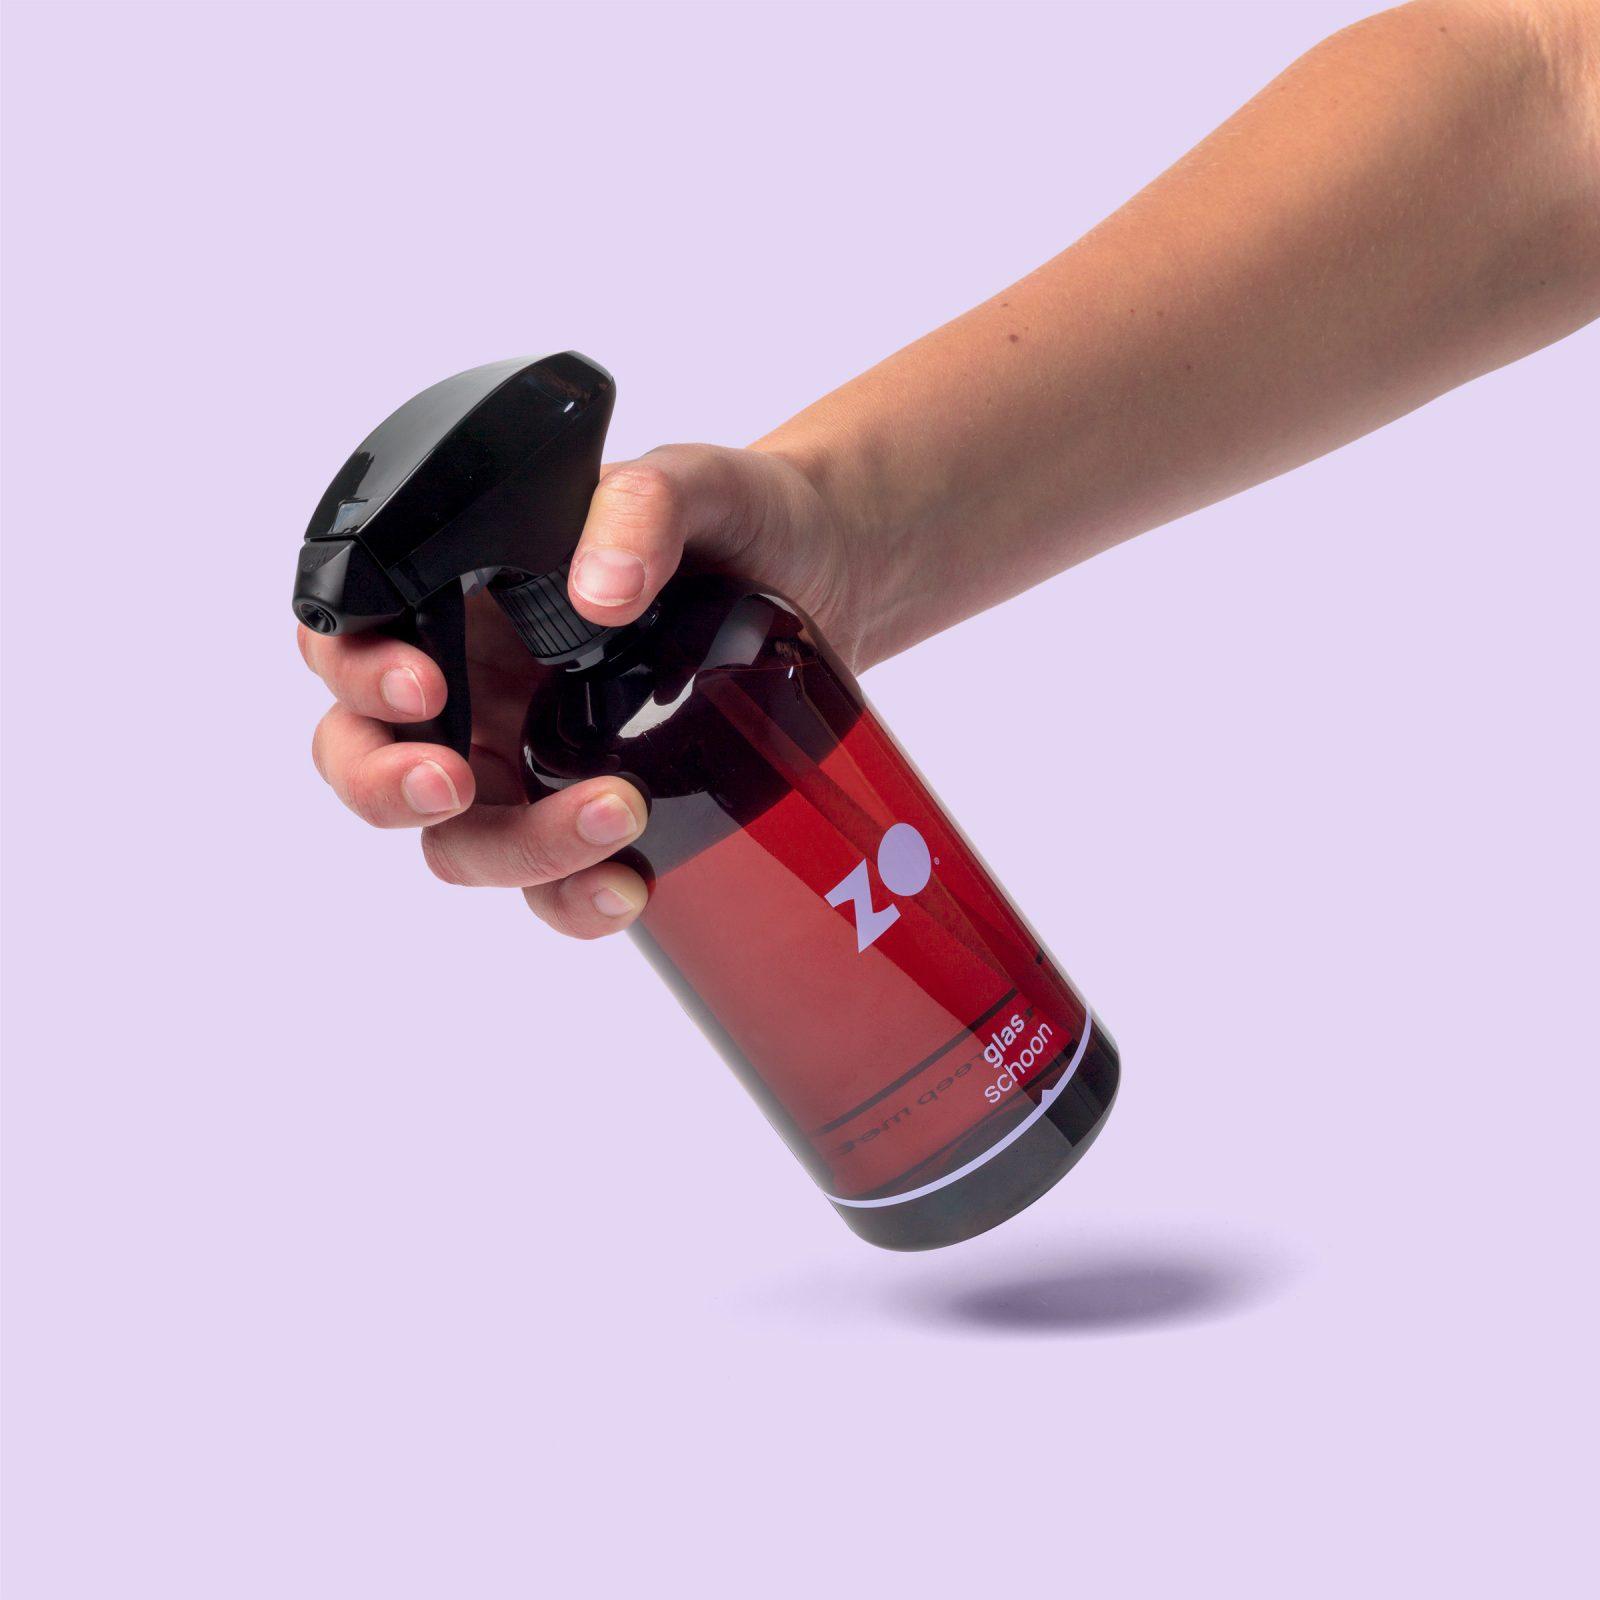 ZO glas sprayer